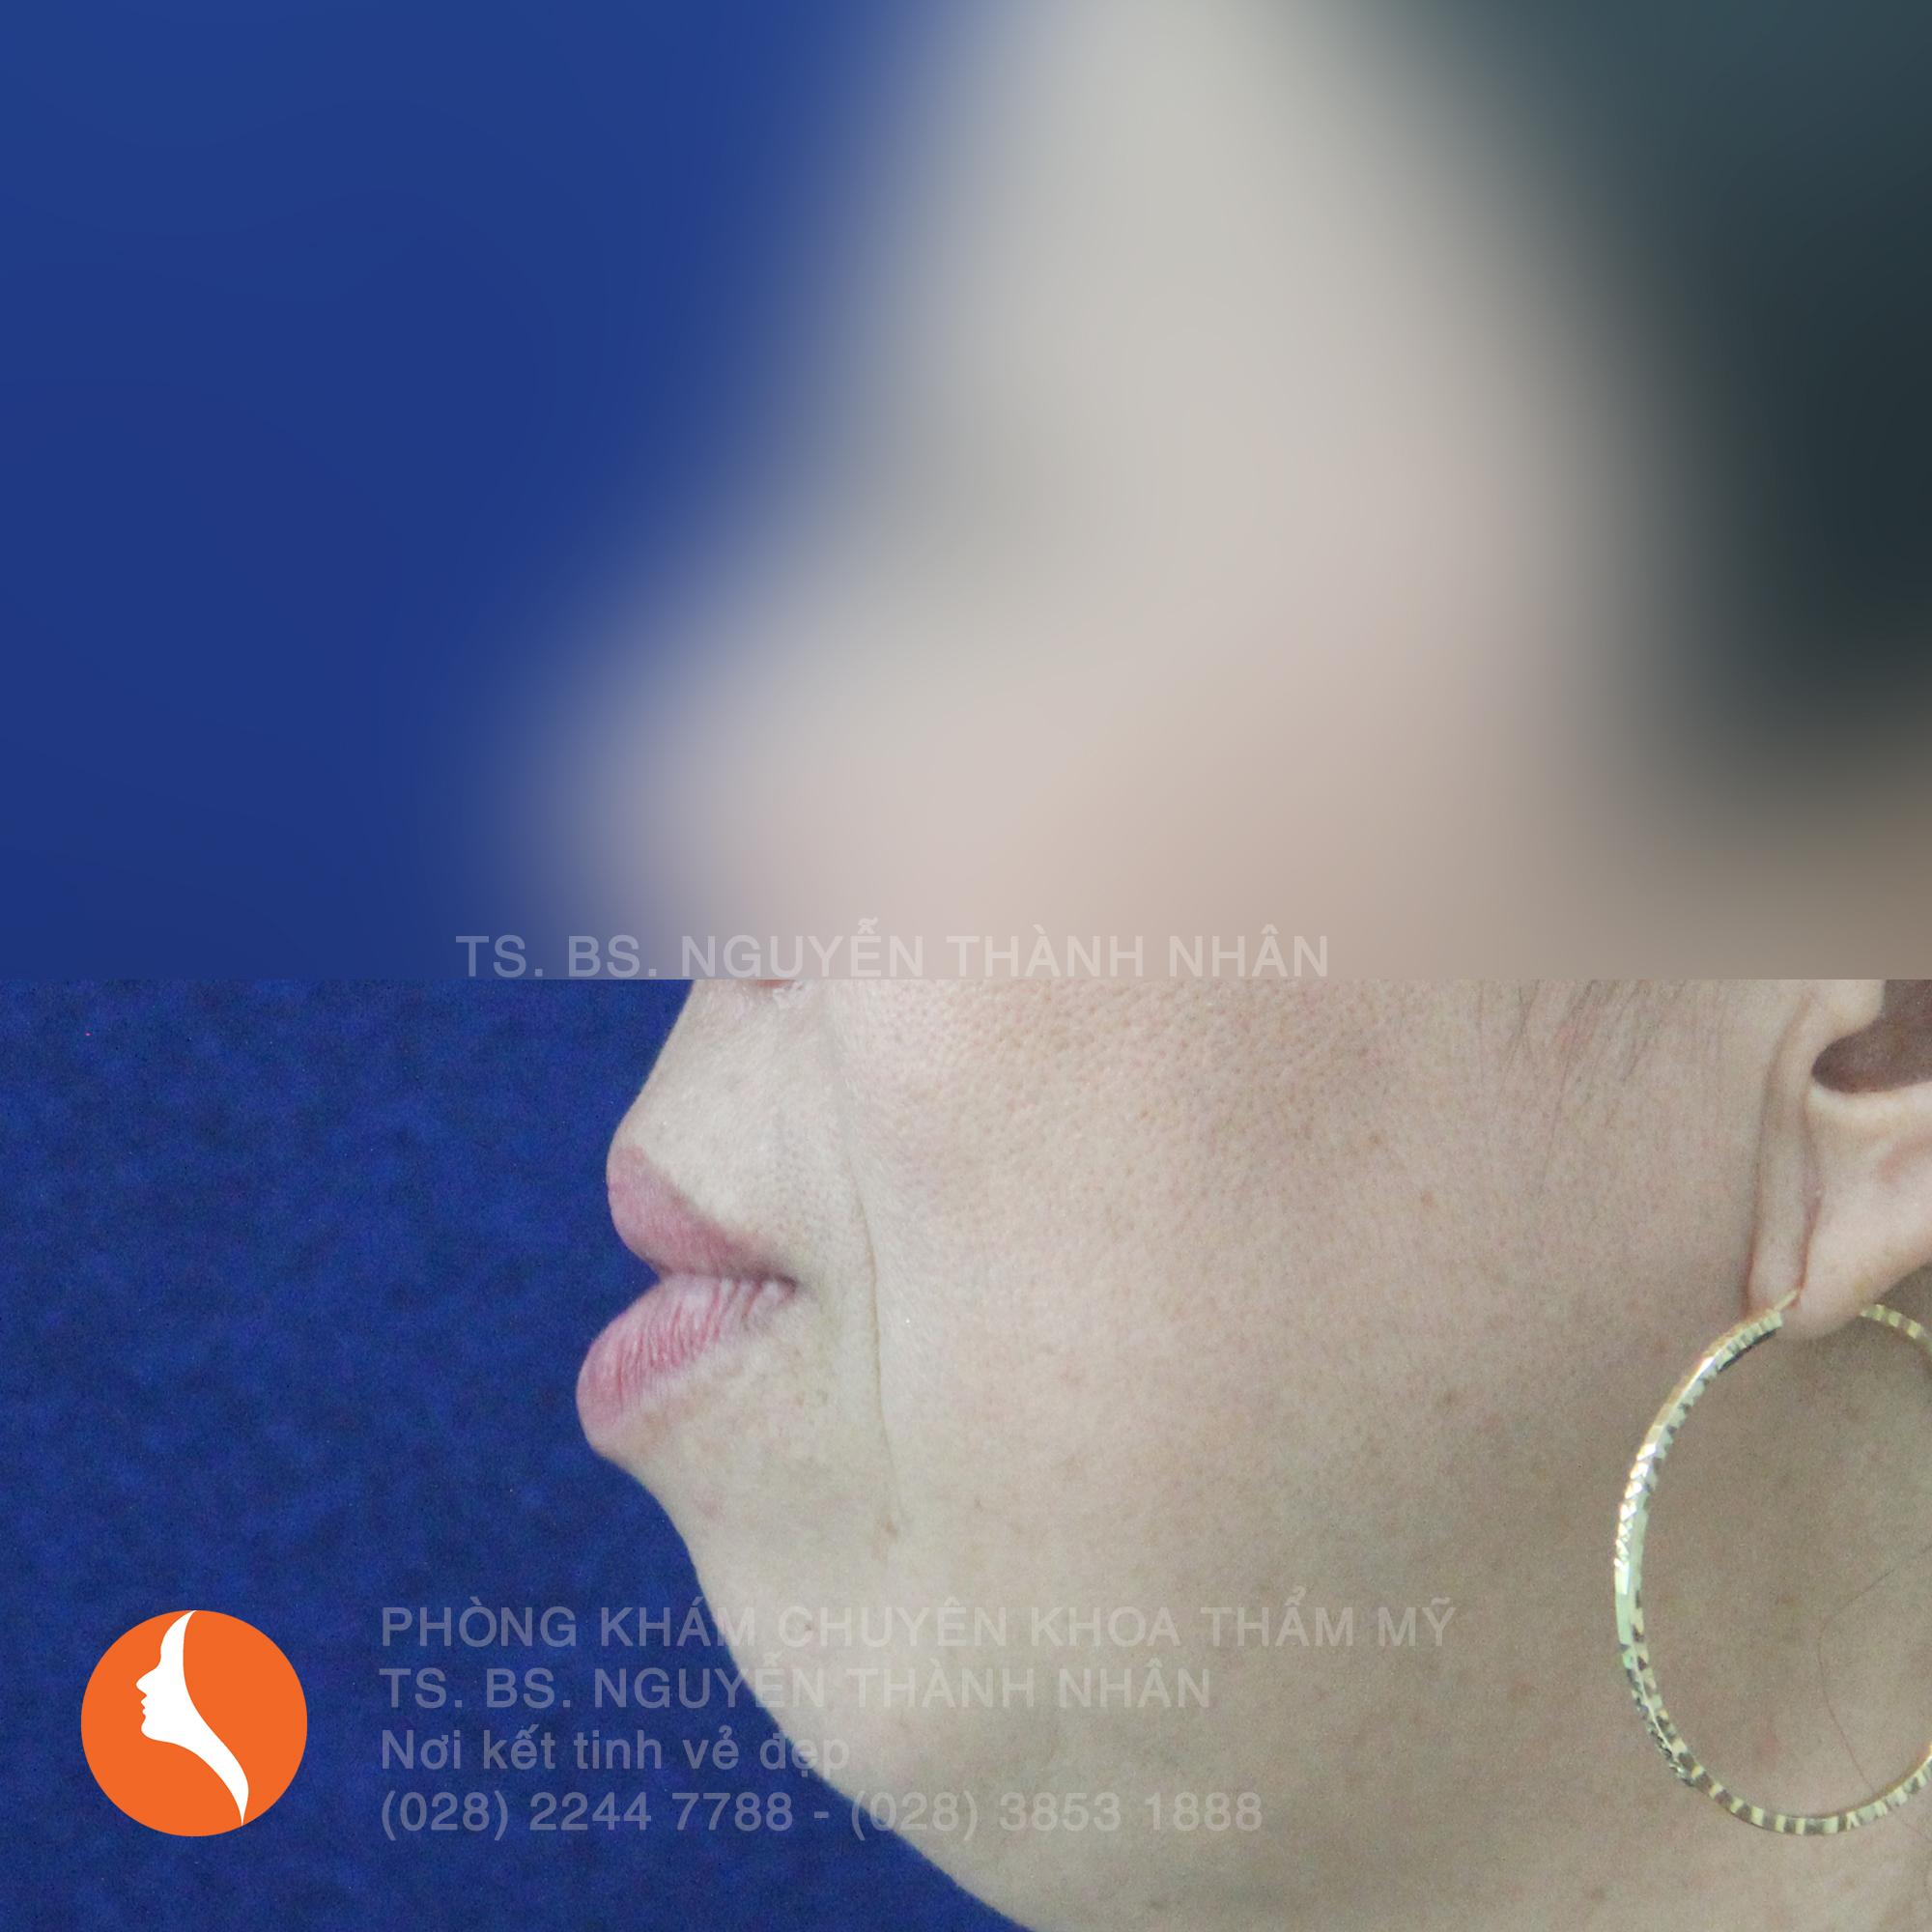 Ca 7: Trước khi phẫu thuật cằm